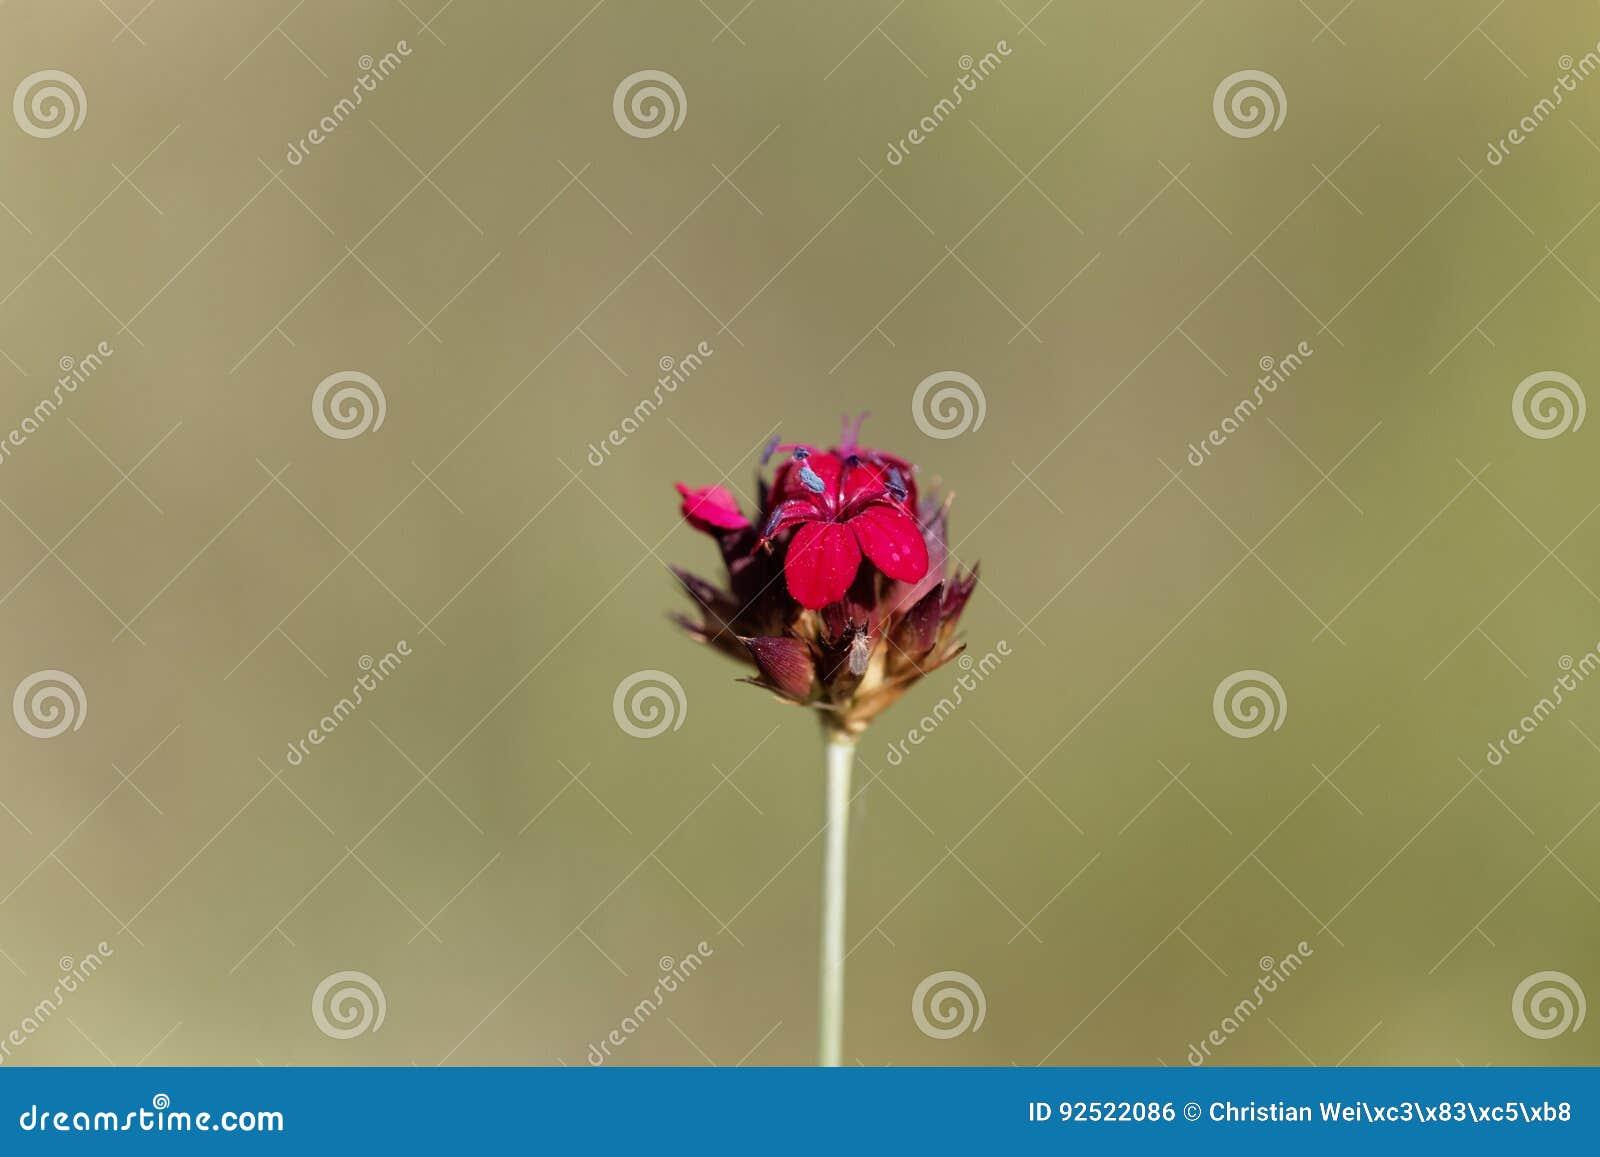 Carthusian Pink Dianthus sanguineus or Dianthus carthusianorum subsp. sanguineus